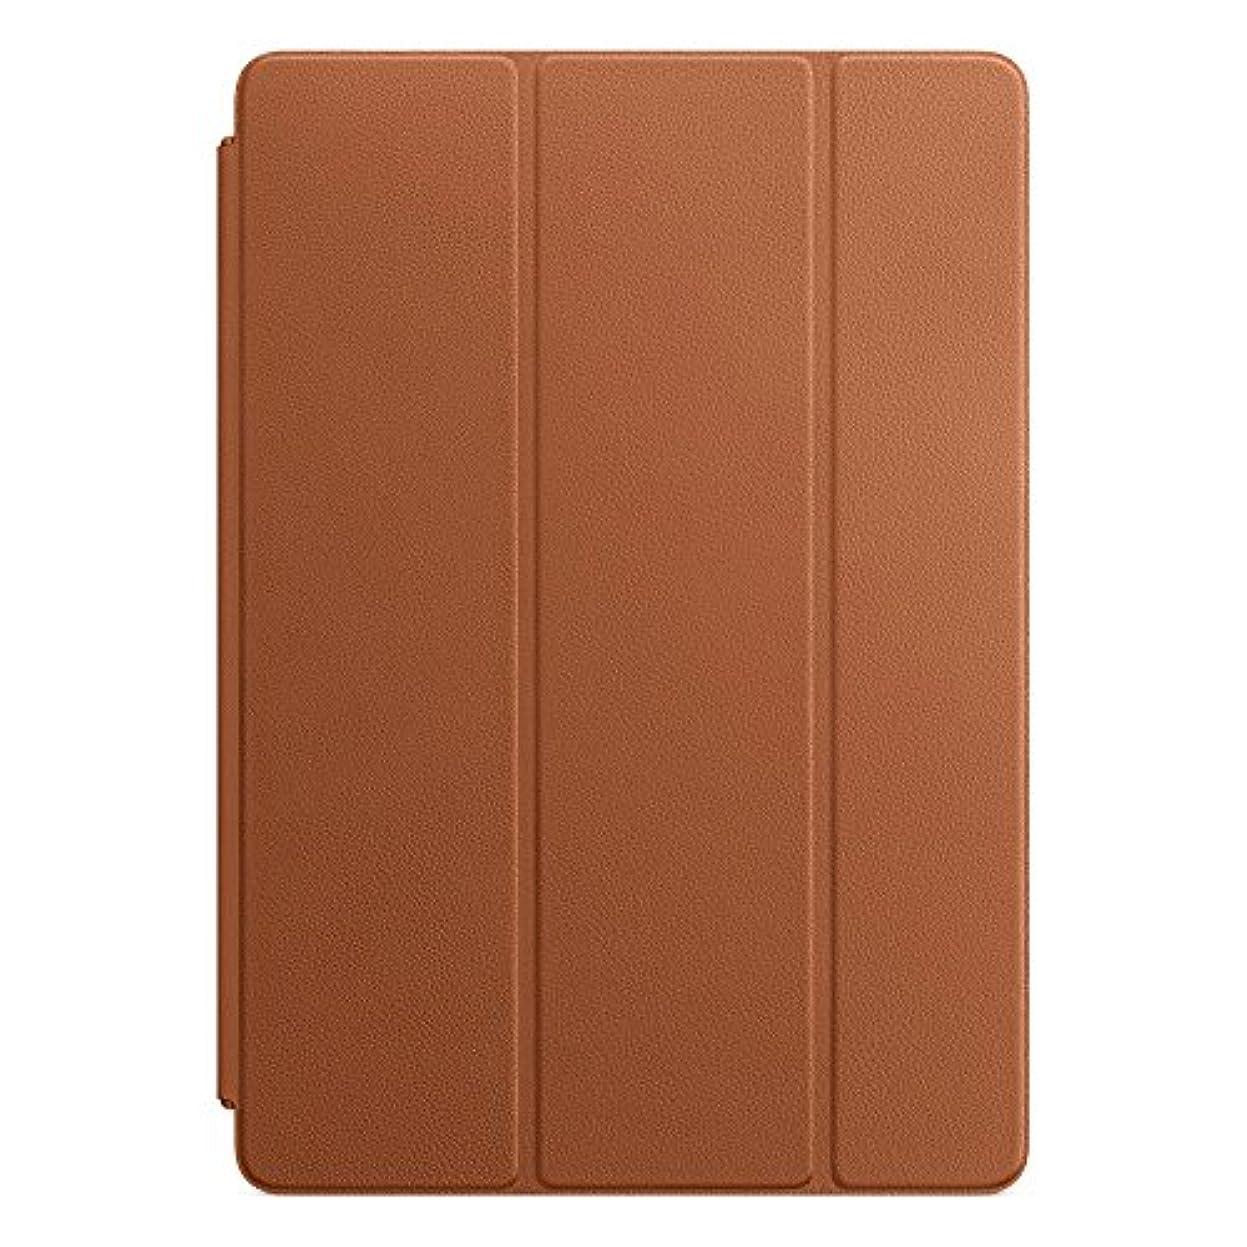 呪いお誕生日ロケーションApple 10.5インチiPad Pro用レザーSmart Cover - サドルブラウン